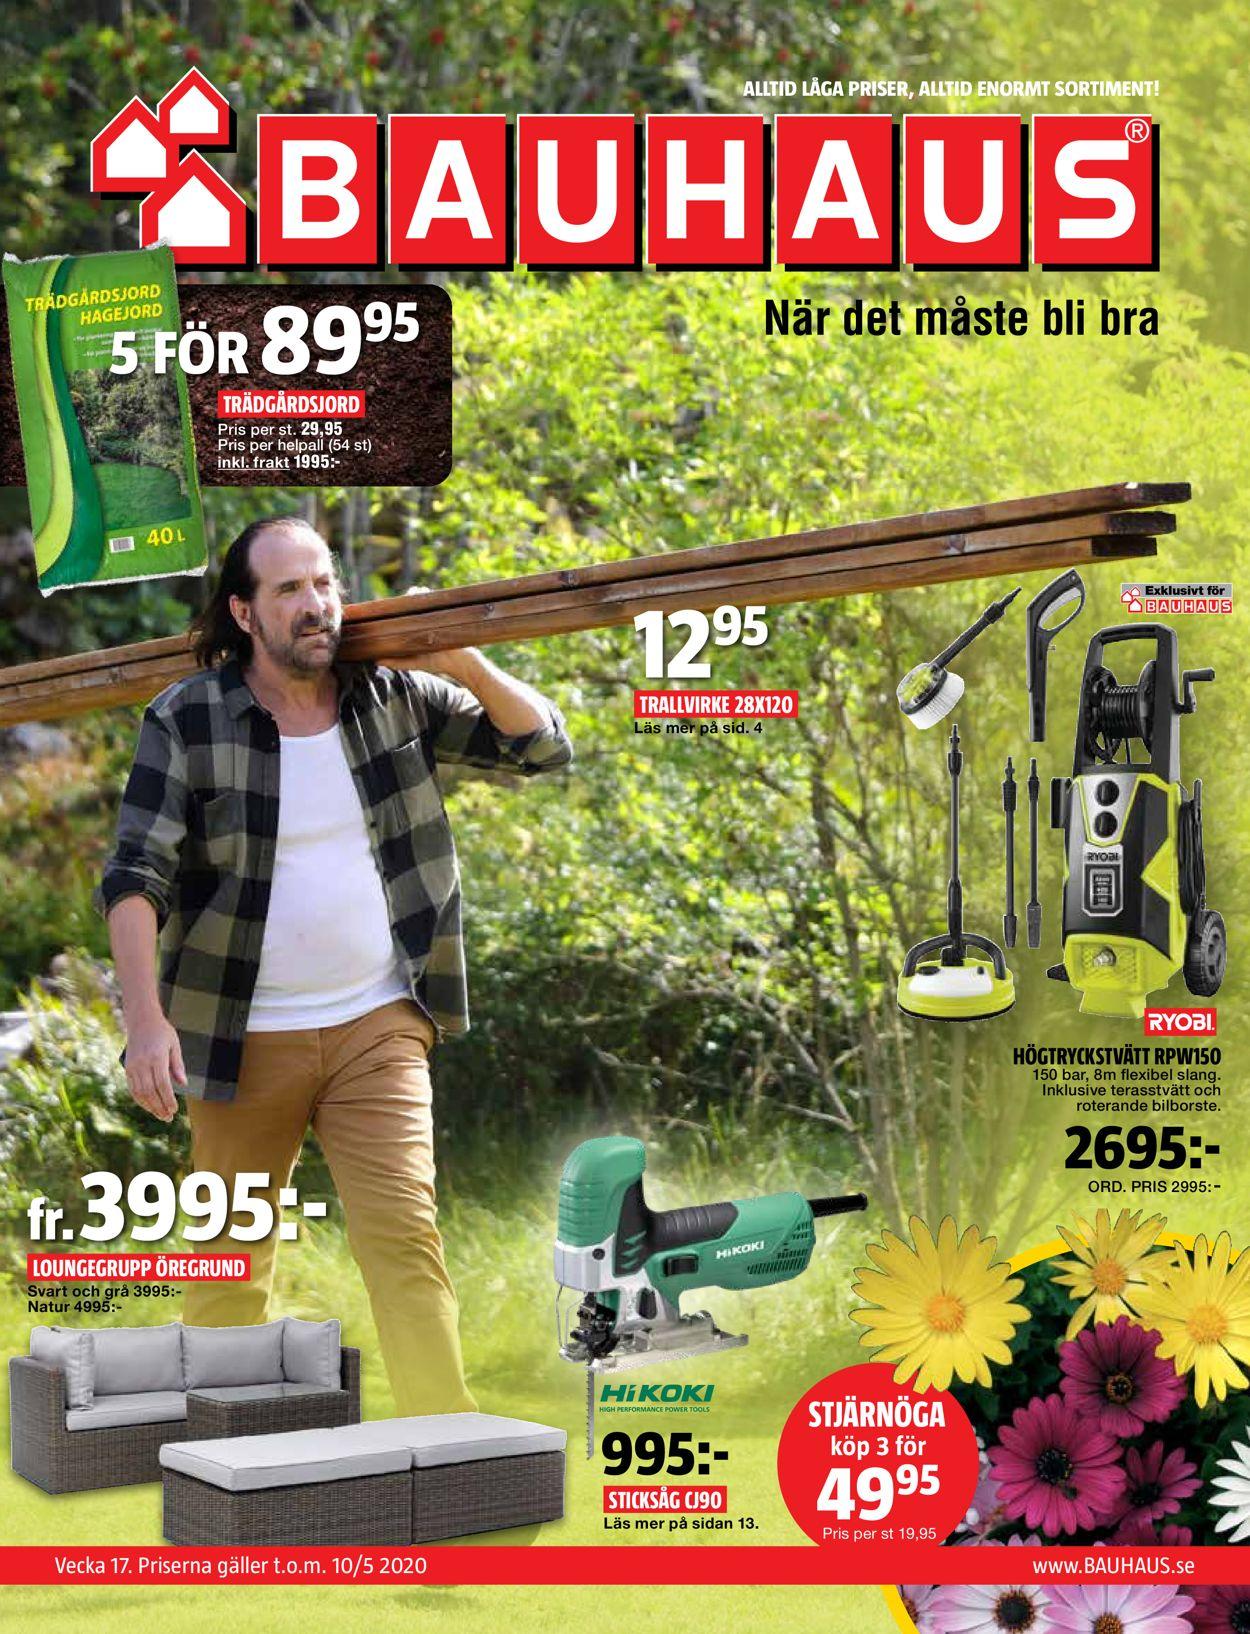 Bauhaus - Reklamblad - 23/04-10/05-2020